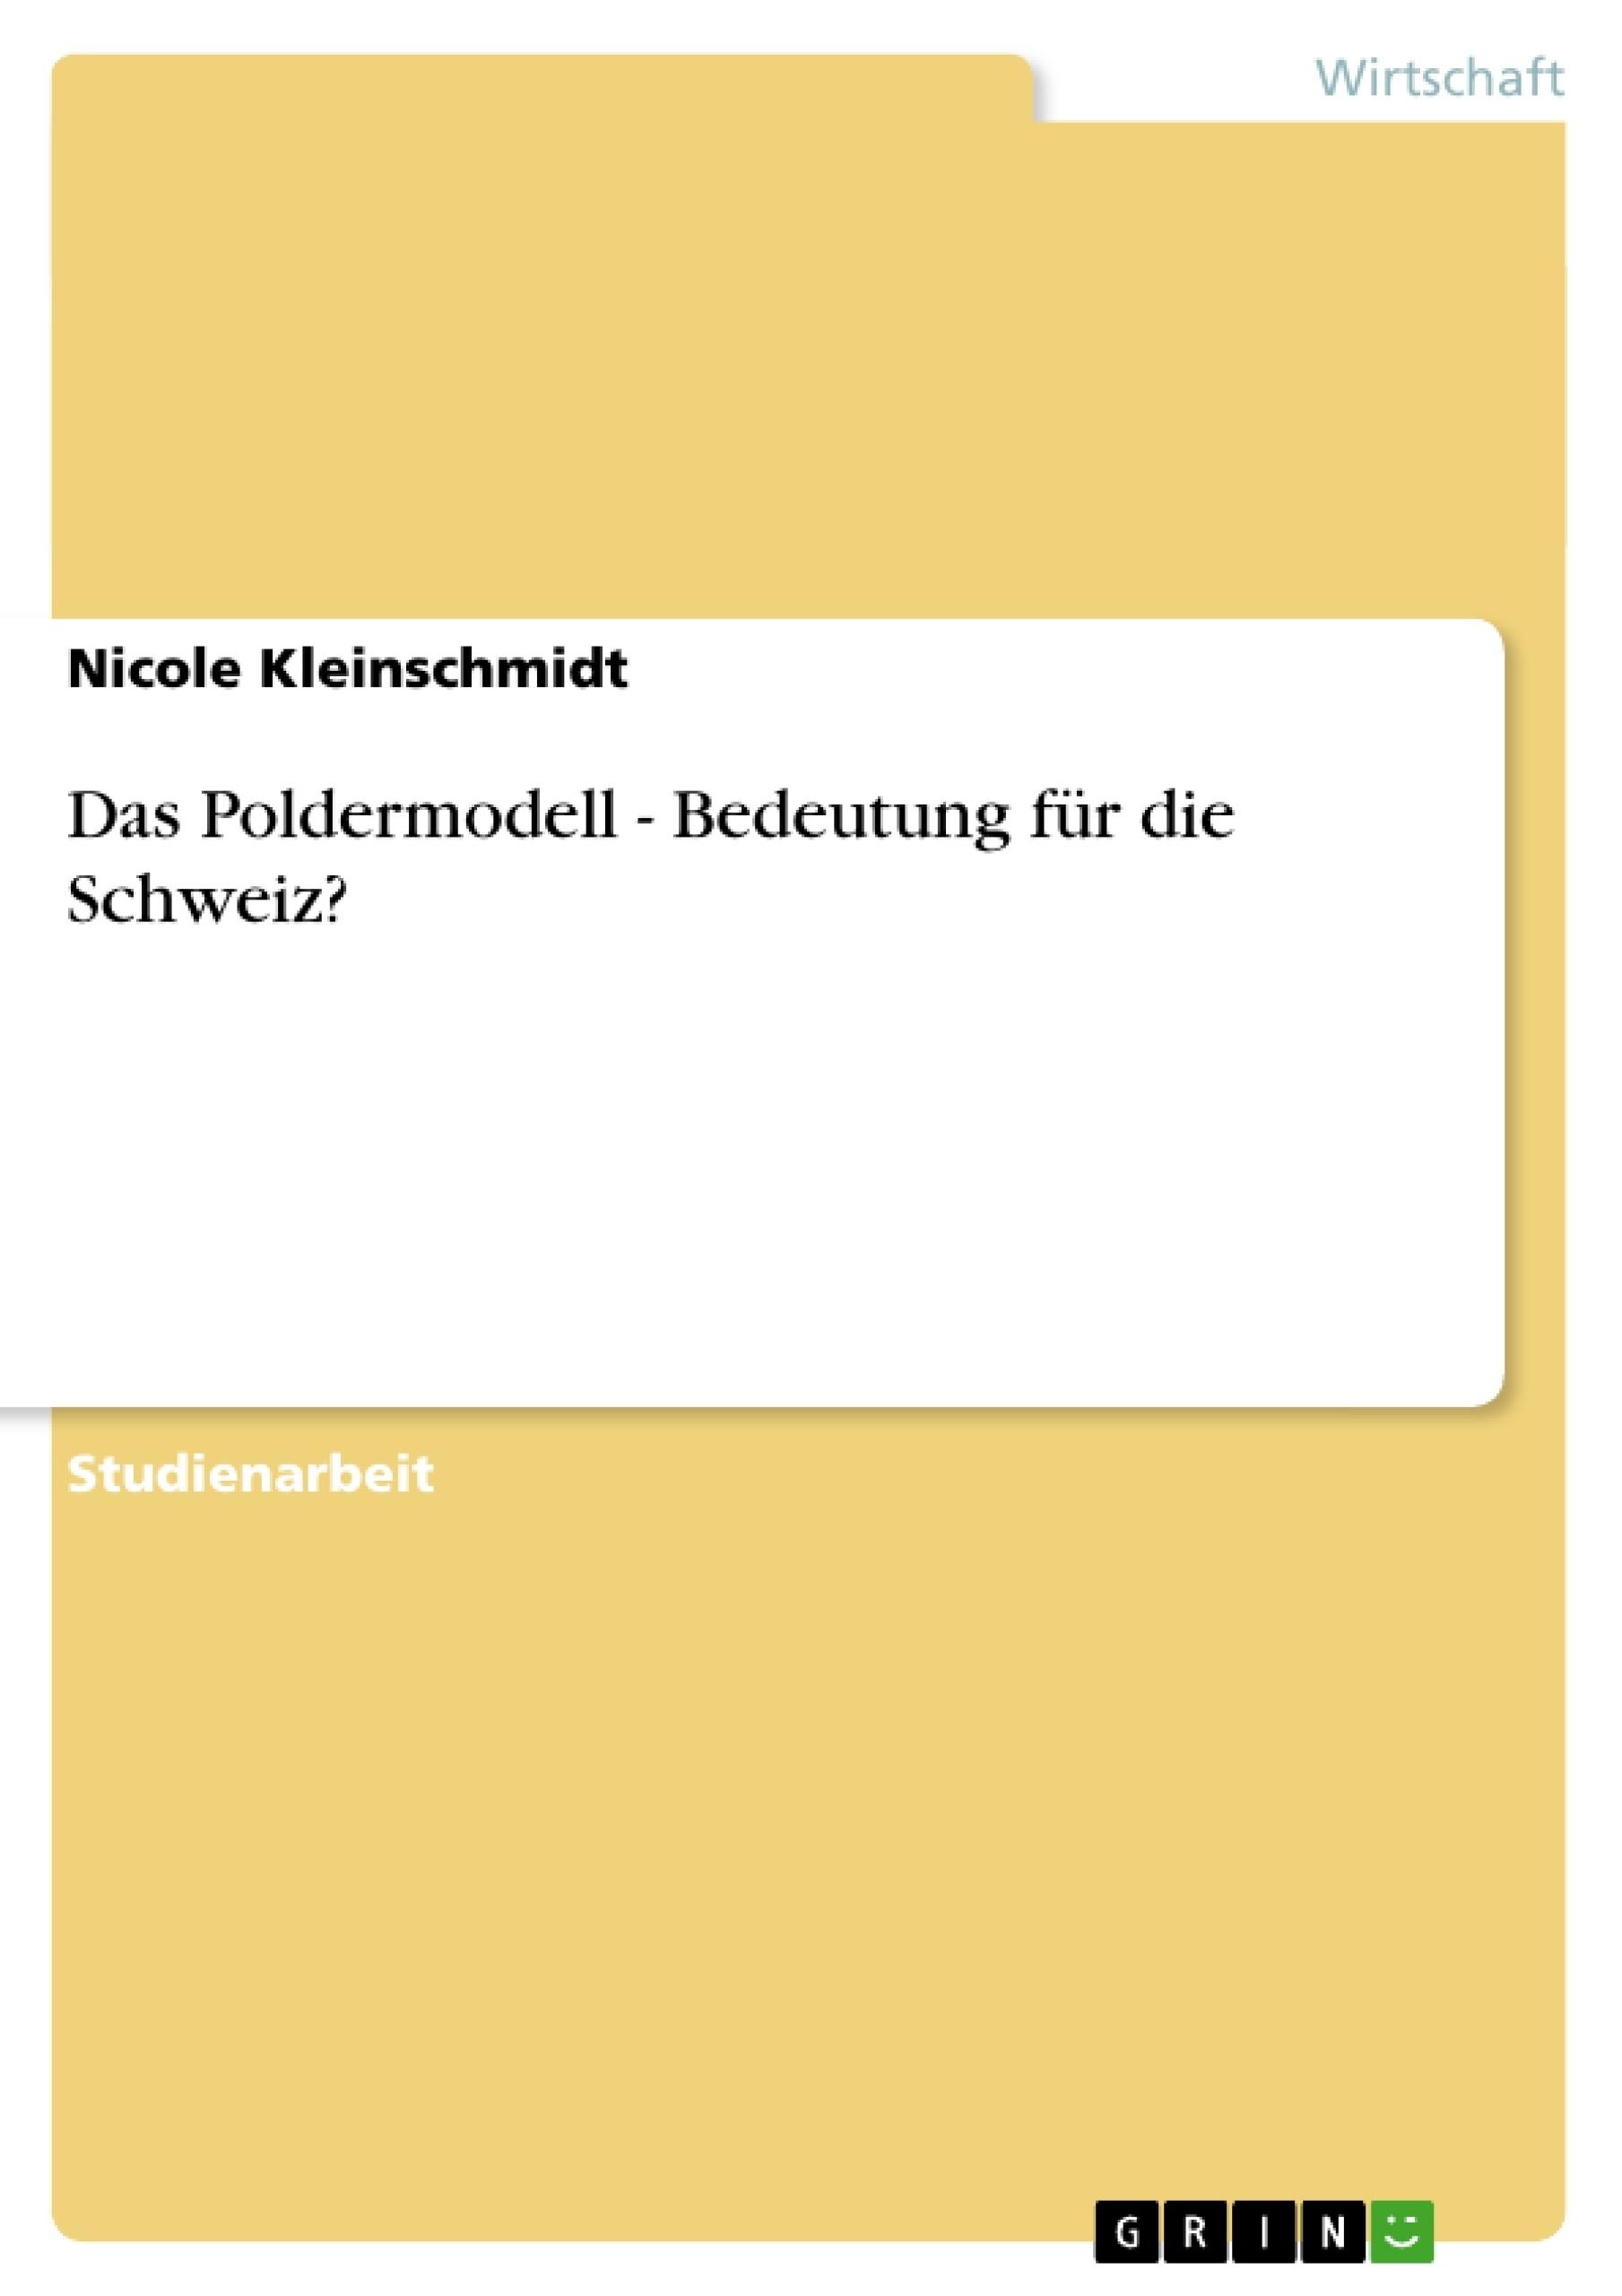 Titel: Das Poldermodell - Bedeutung für die Schweiz?